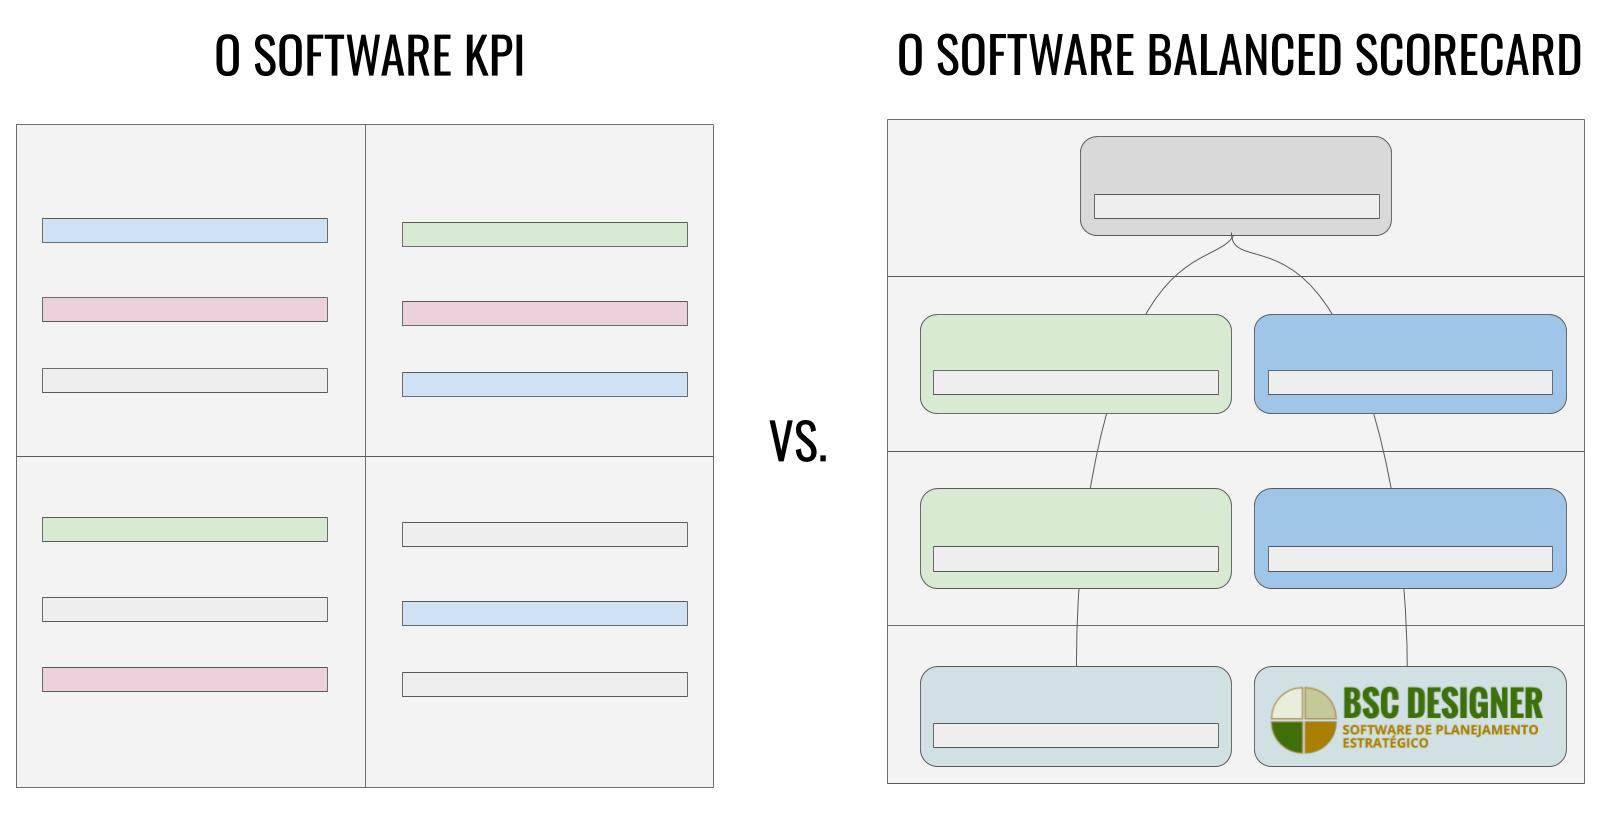 Balanced Scorecard vs. Software KPI - Qual é a diferença?